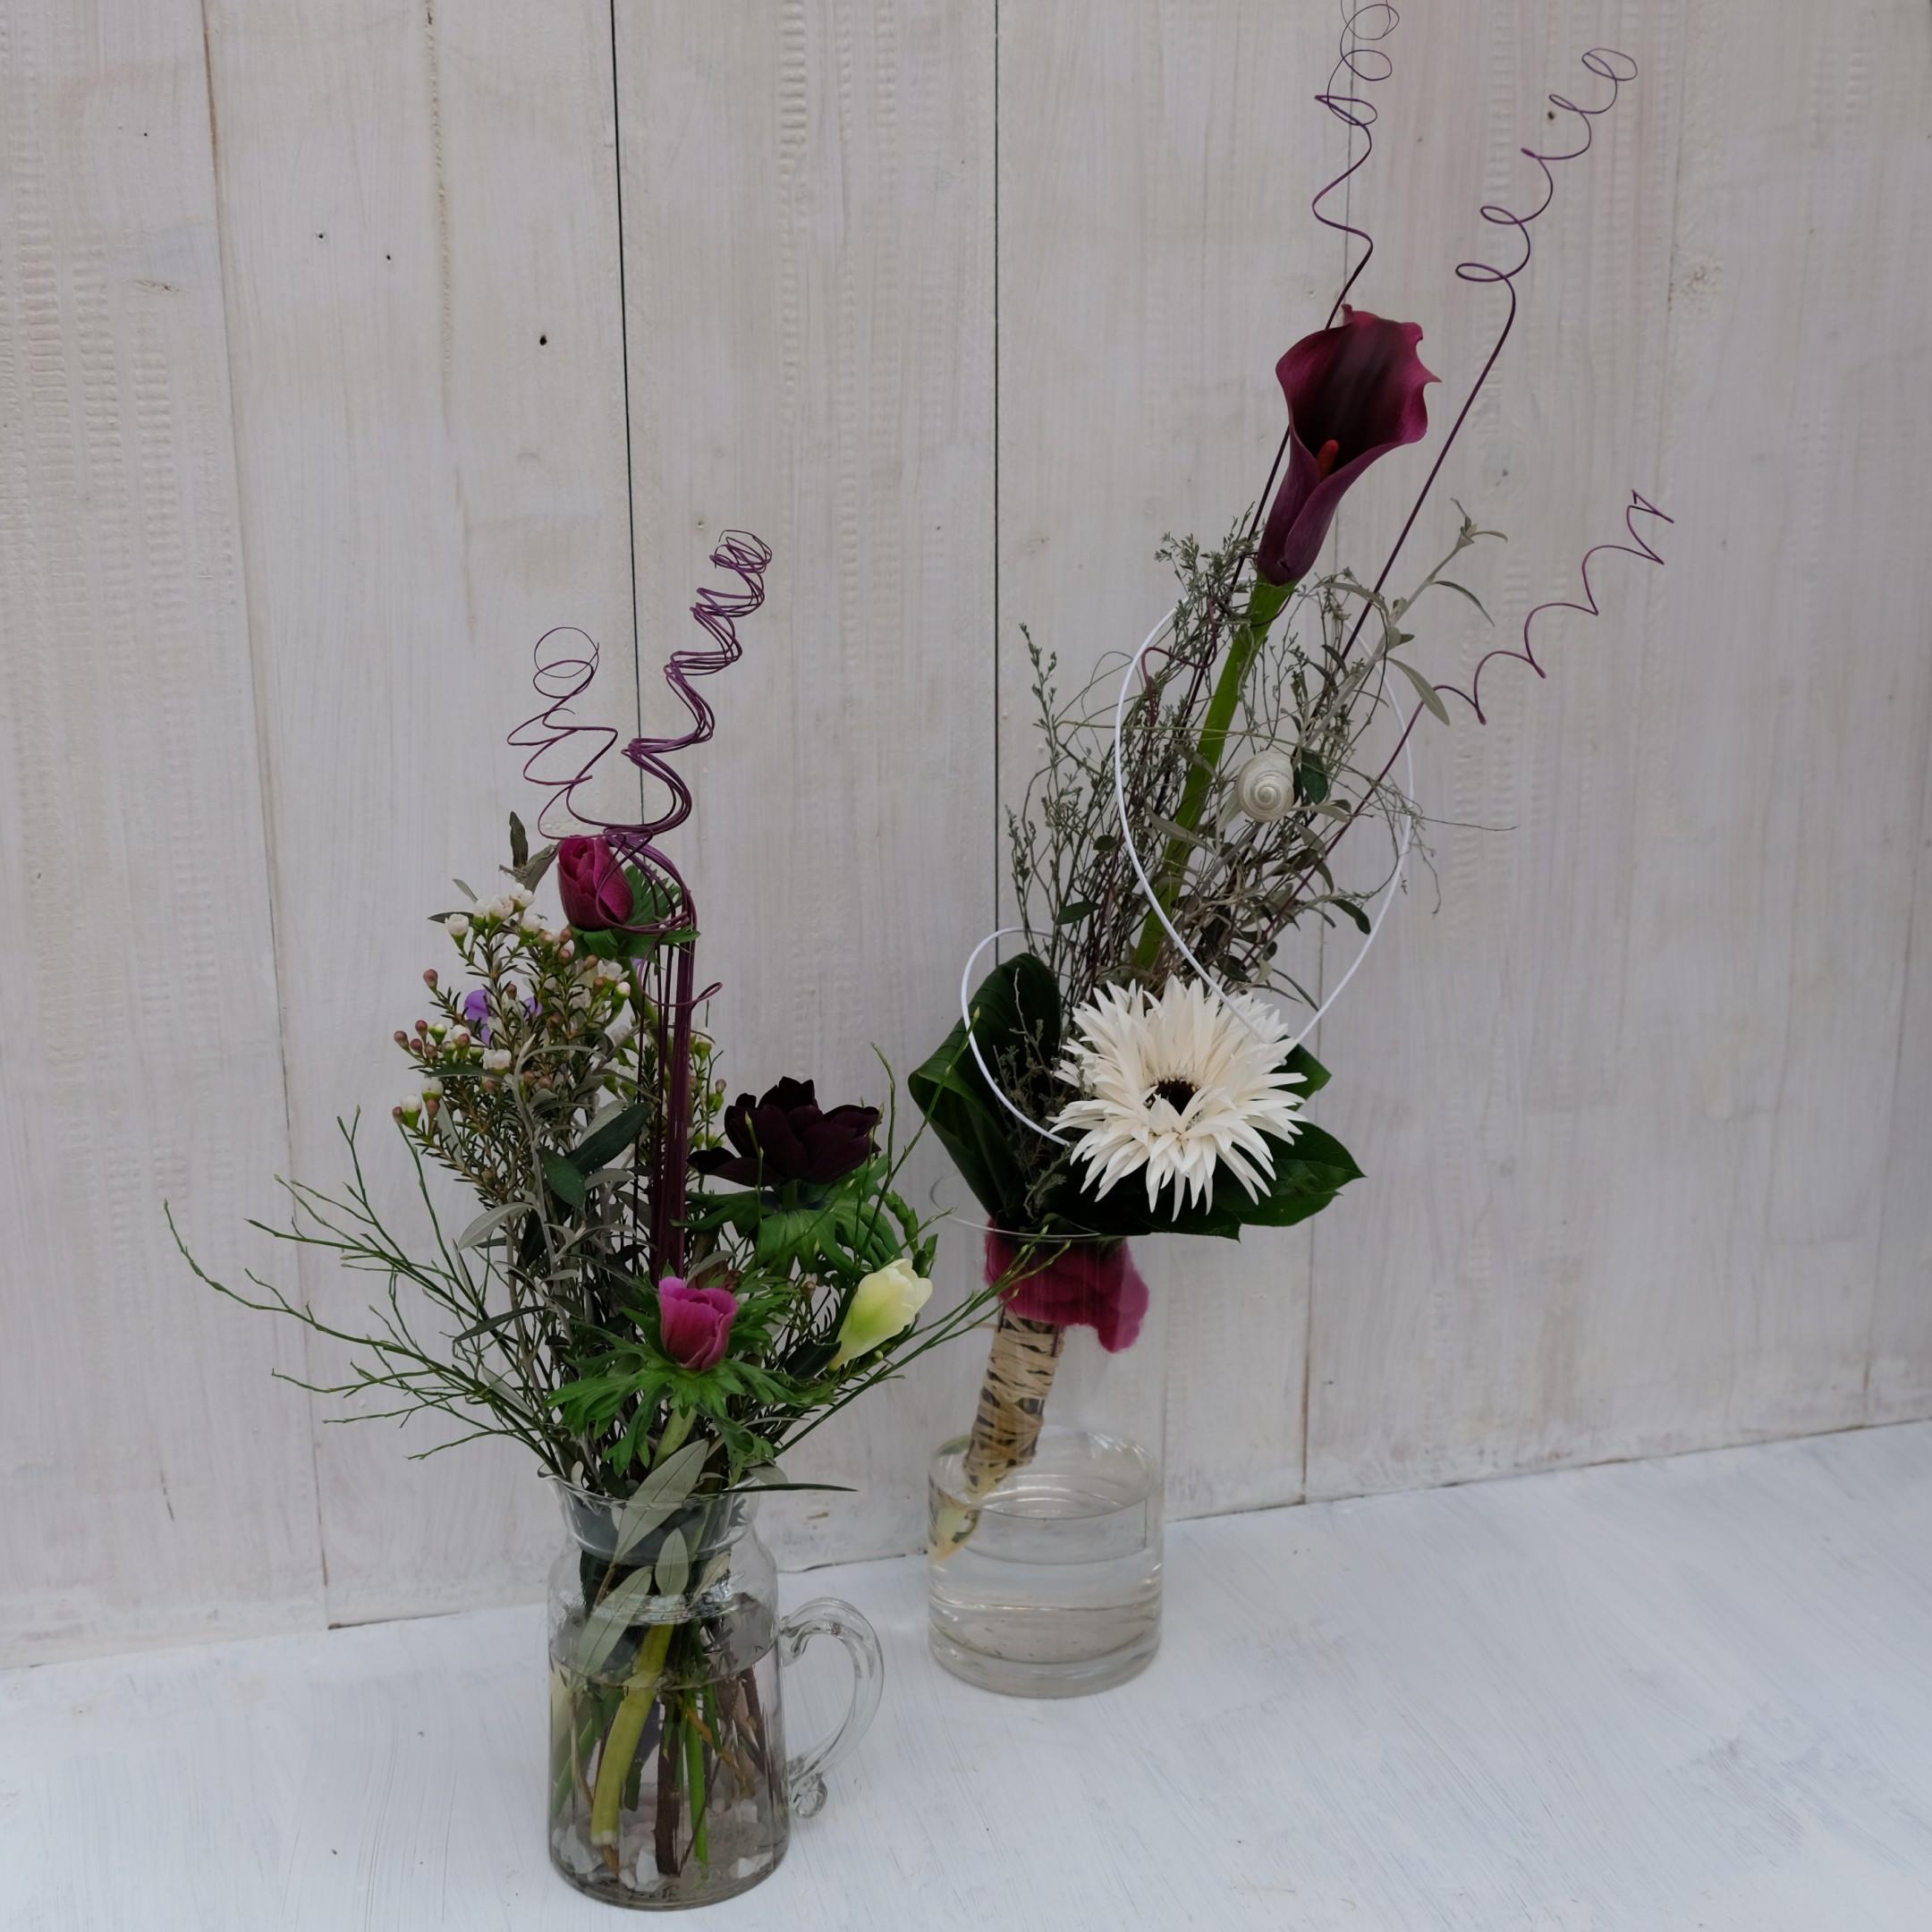 Blumengarten Bild 5